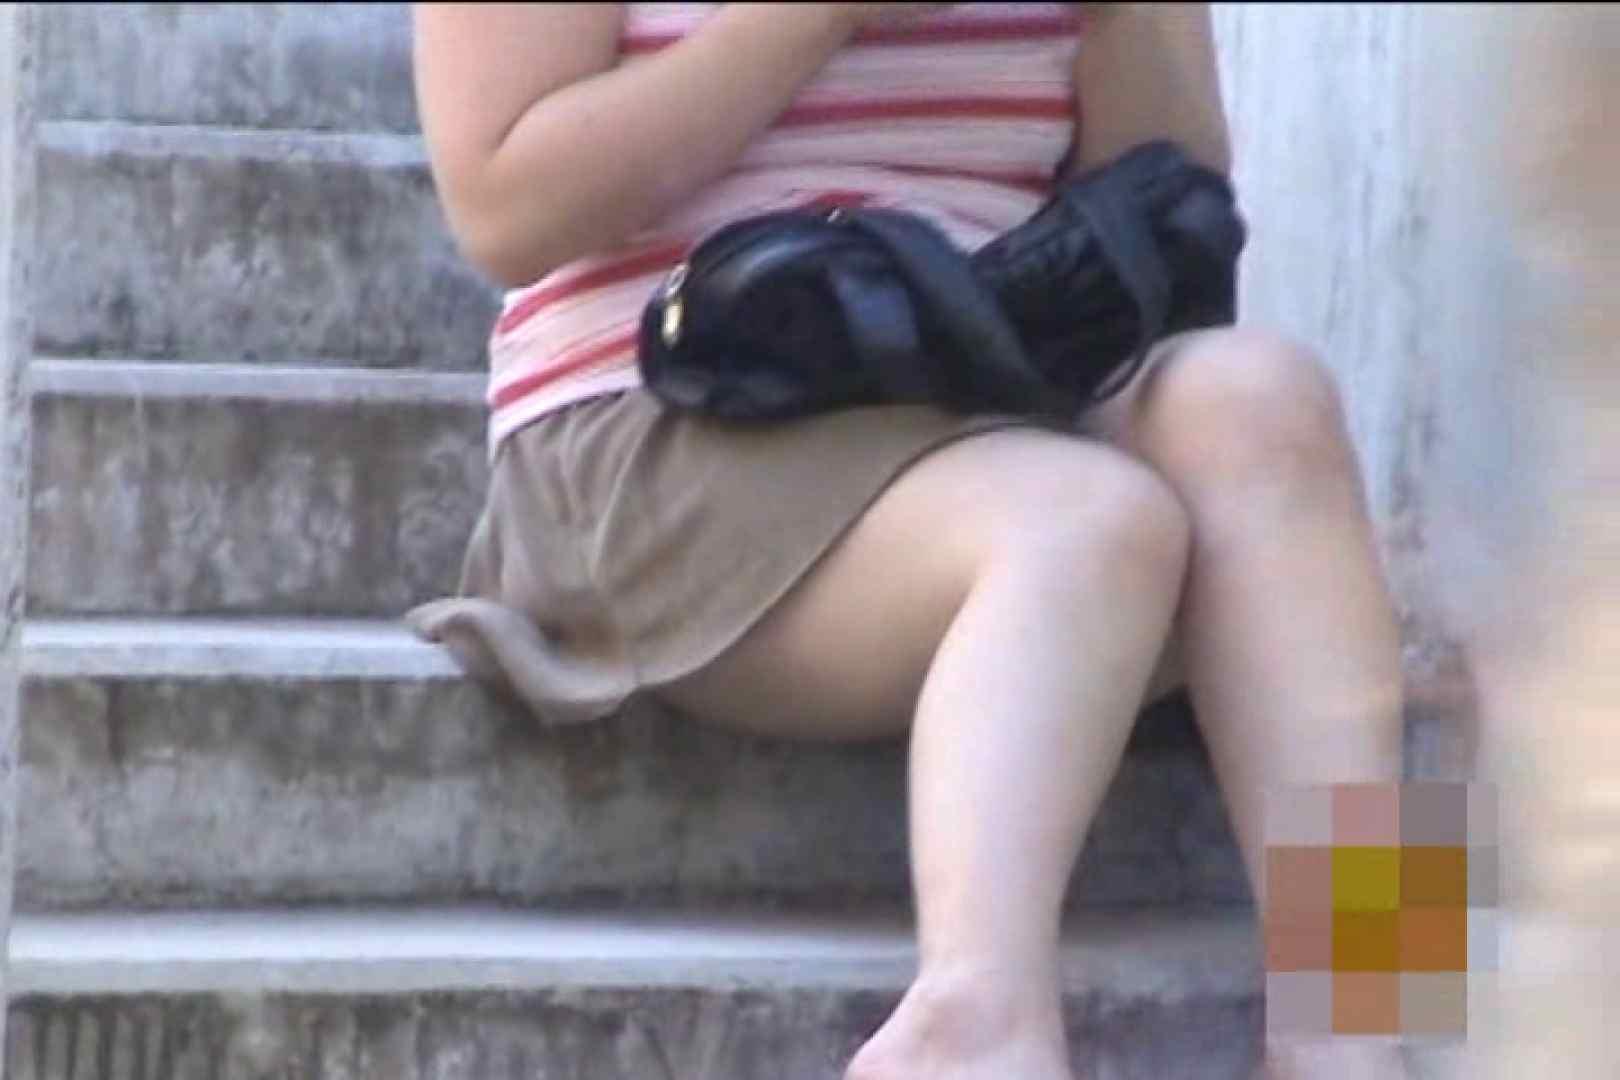 検証!隠し撮りスカートめくり!!Vol.3 素人丸裸   美しいOLの裸体  74pic 43